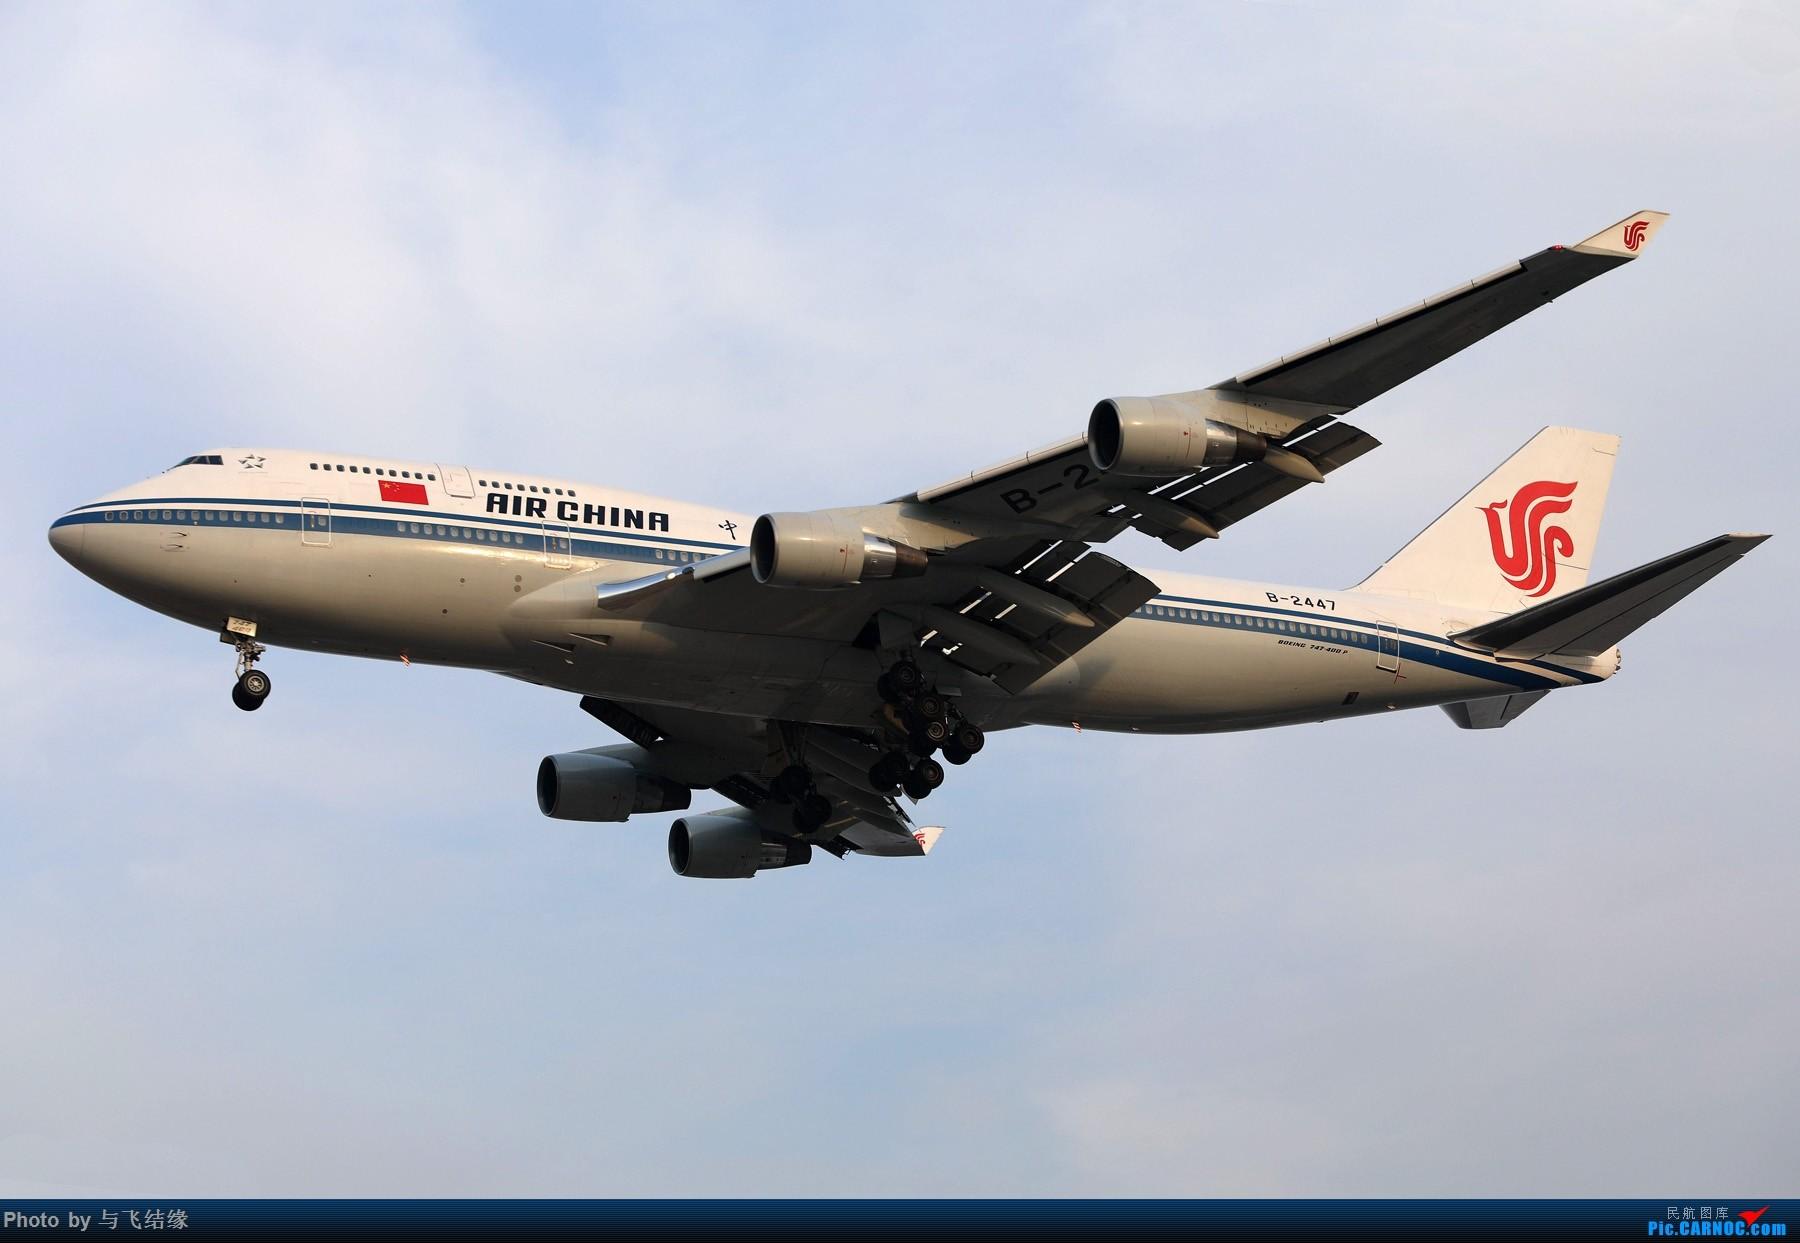 中国国际航空Boeing 747-400,B-2447. BOEING 747-400 B-2447 中国北京首都国际机场